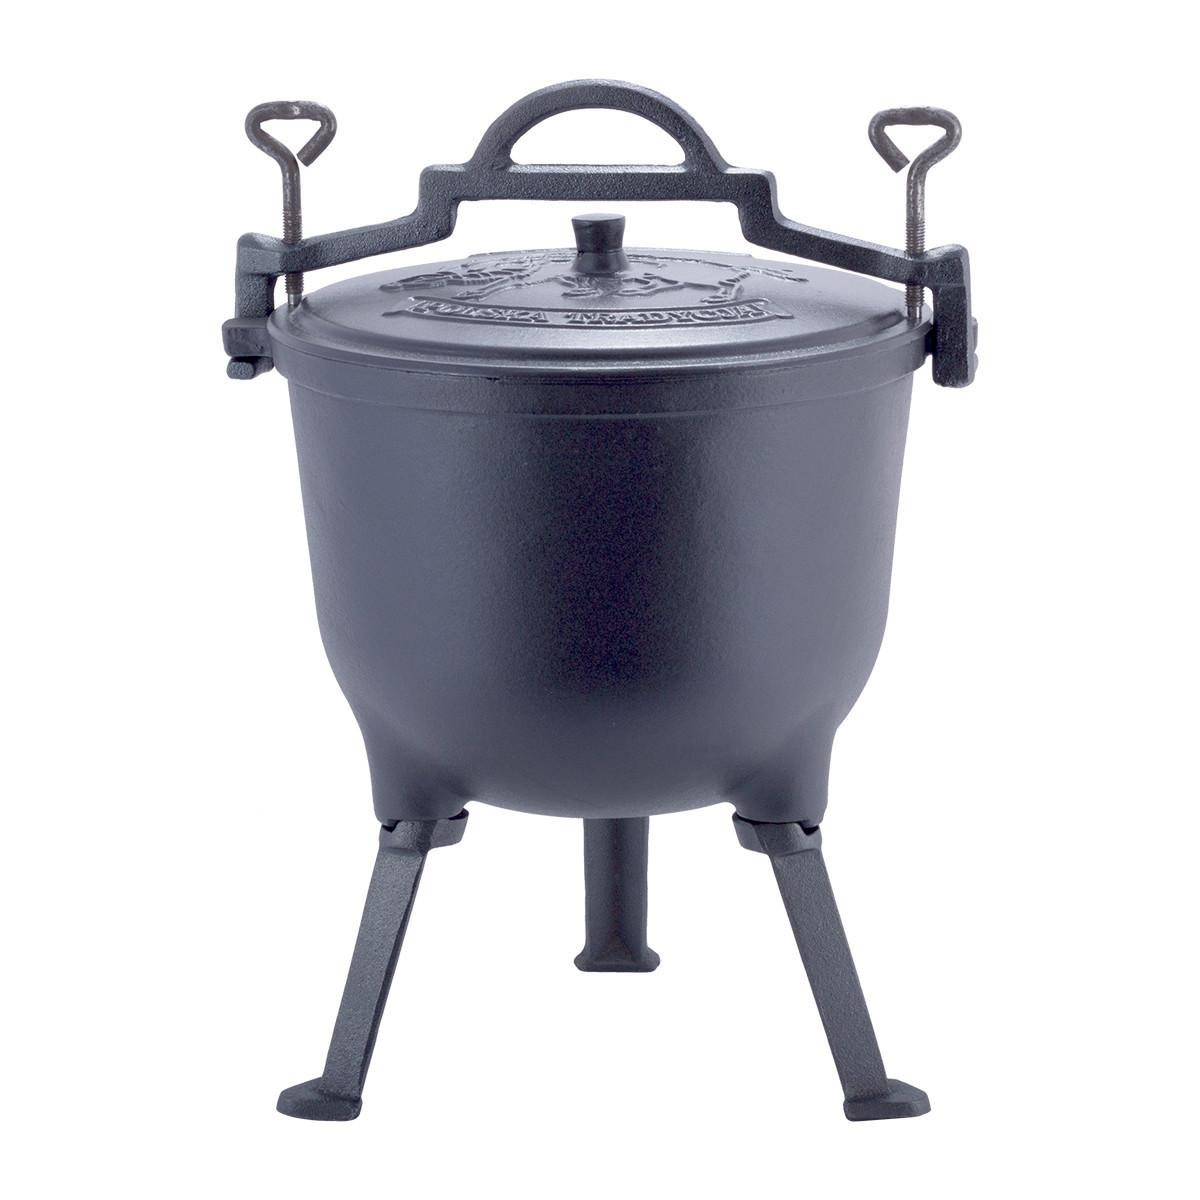 Казан чавунний емальований 15 л з кришкою Kamille KM 4808M на ніжках для приготування їжі на вогні і плиті